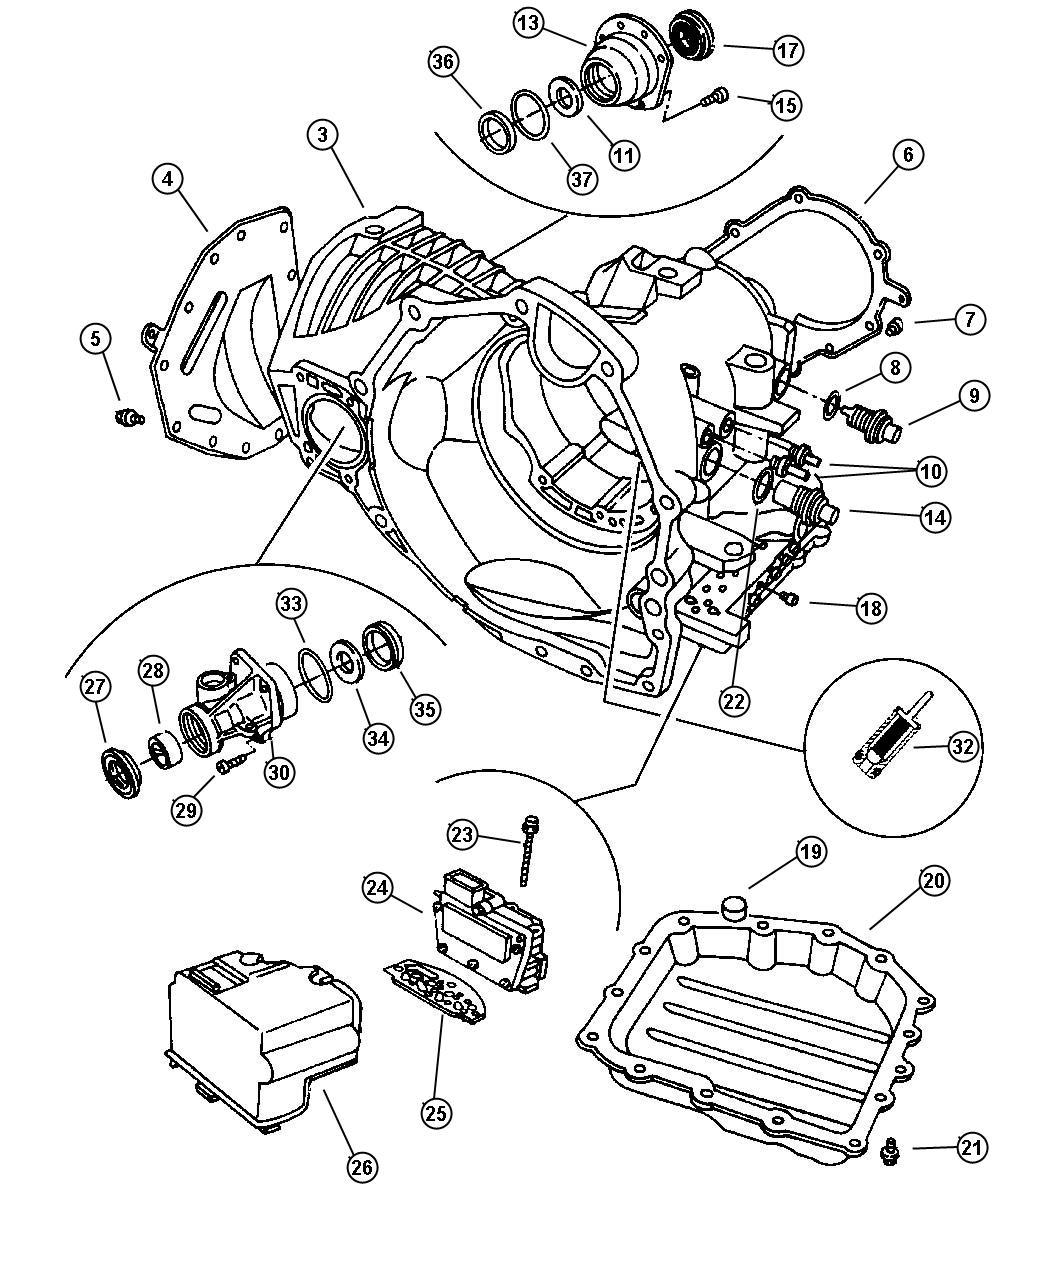 Chrysler Grand Voyager Sensor. Transmission output speed